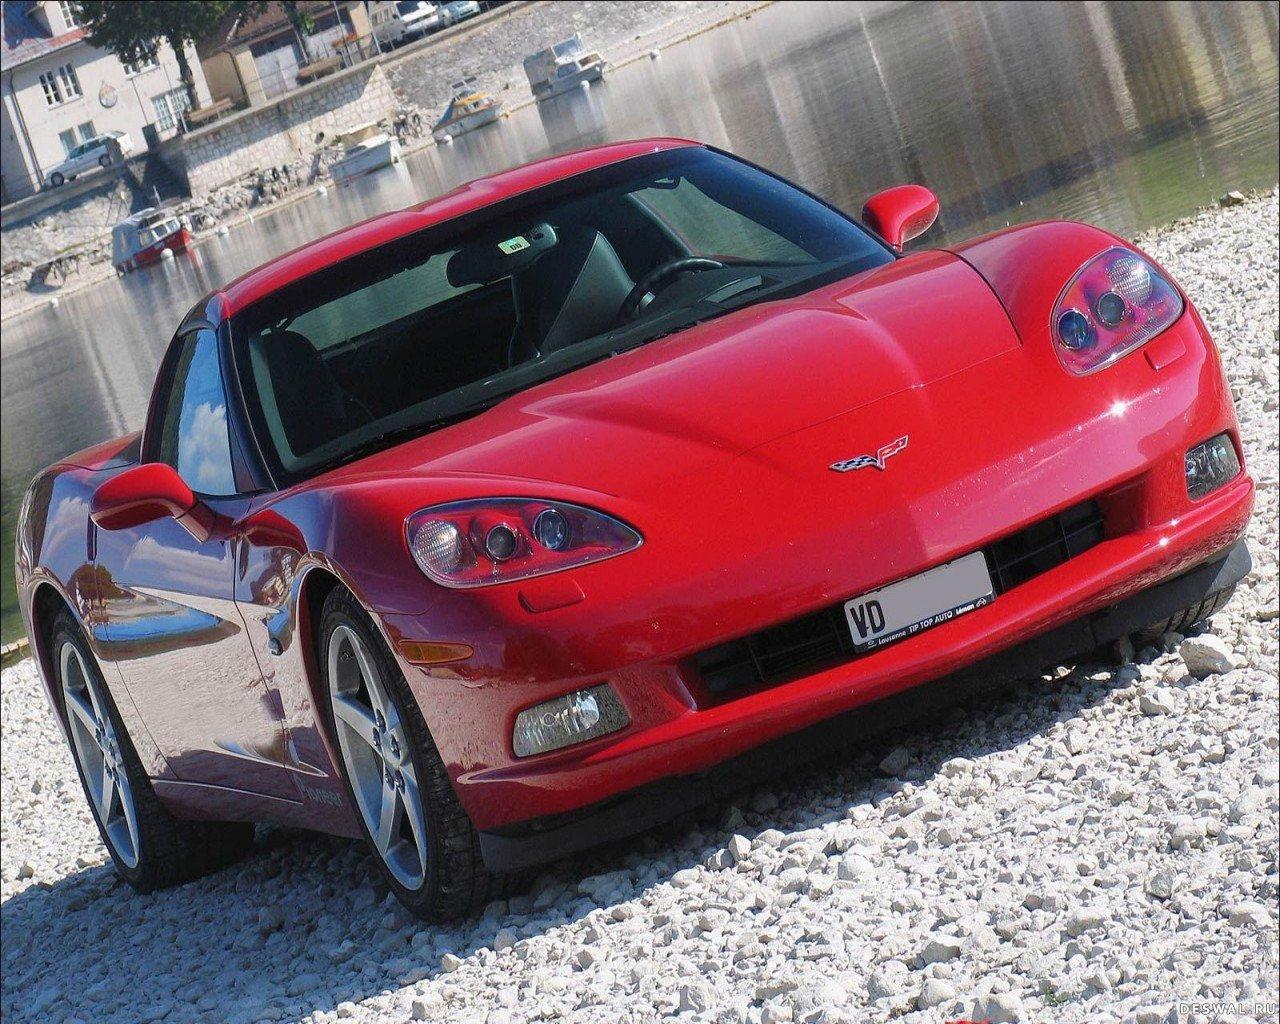 Обои авто Шевроле, Нажмите на картинку с обоями автомобиля chevrolet, чтобы просмотреть ее в реальном размере